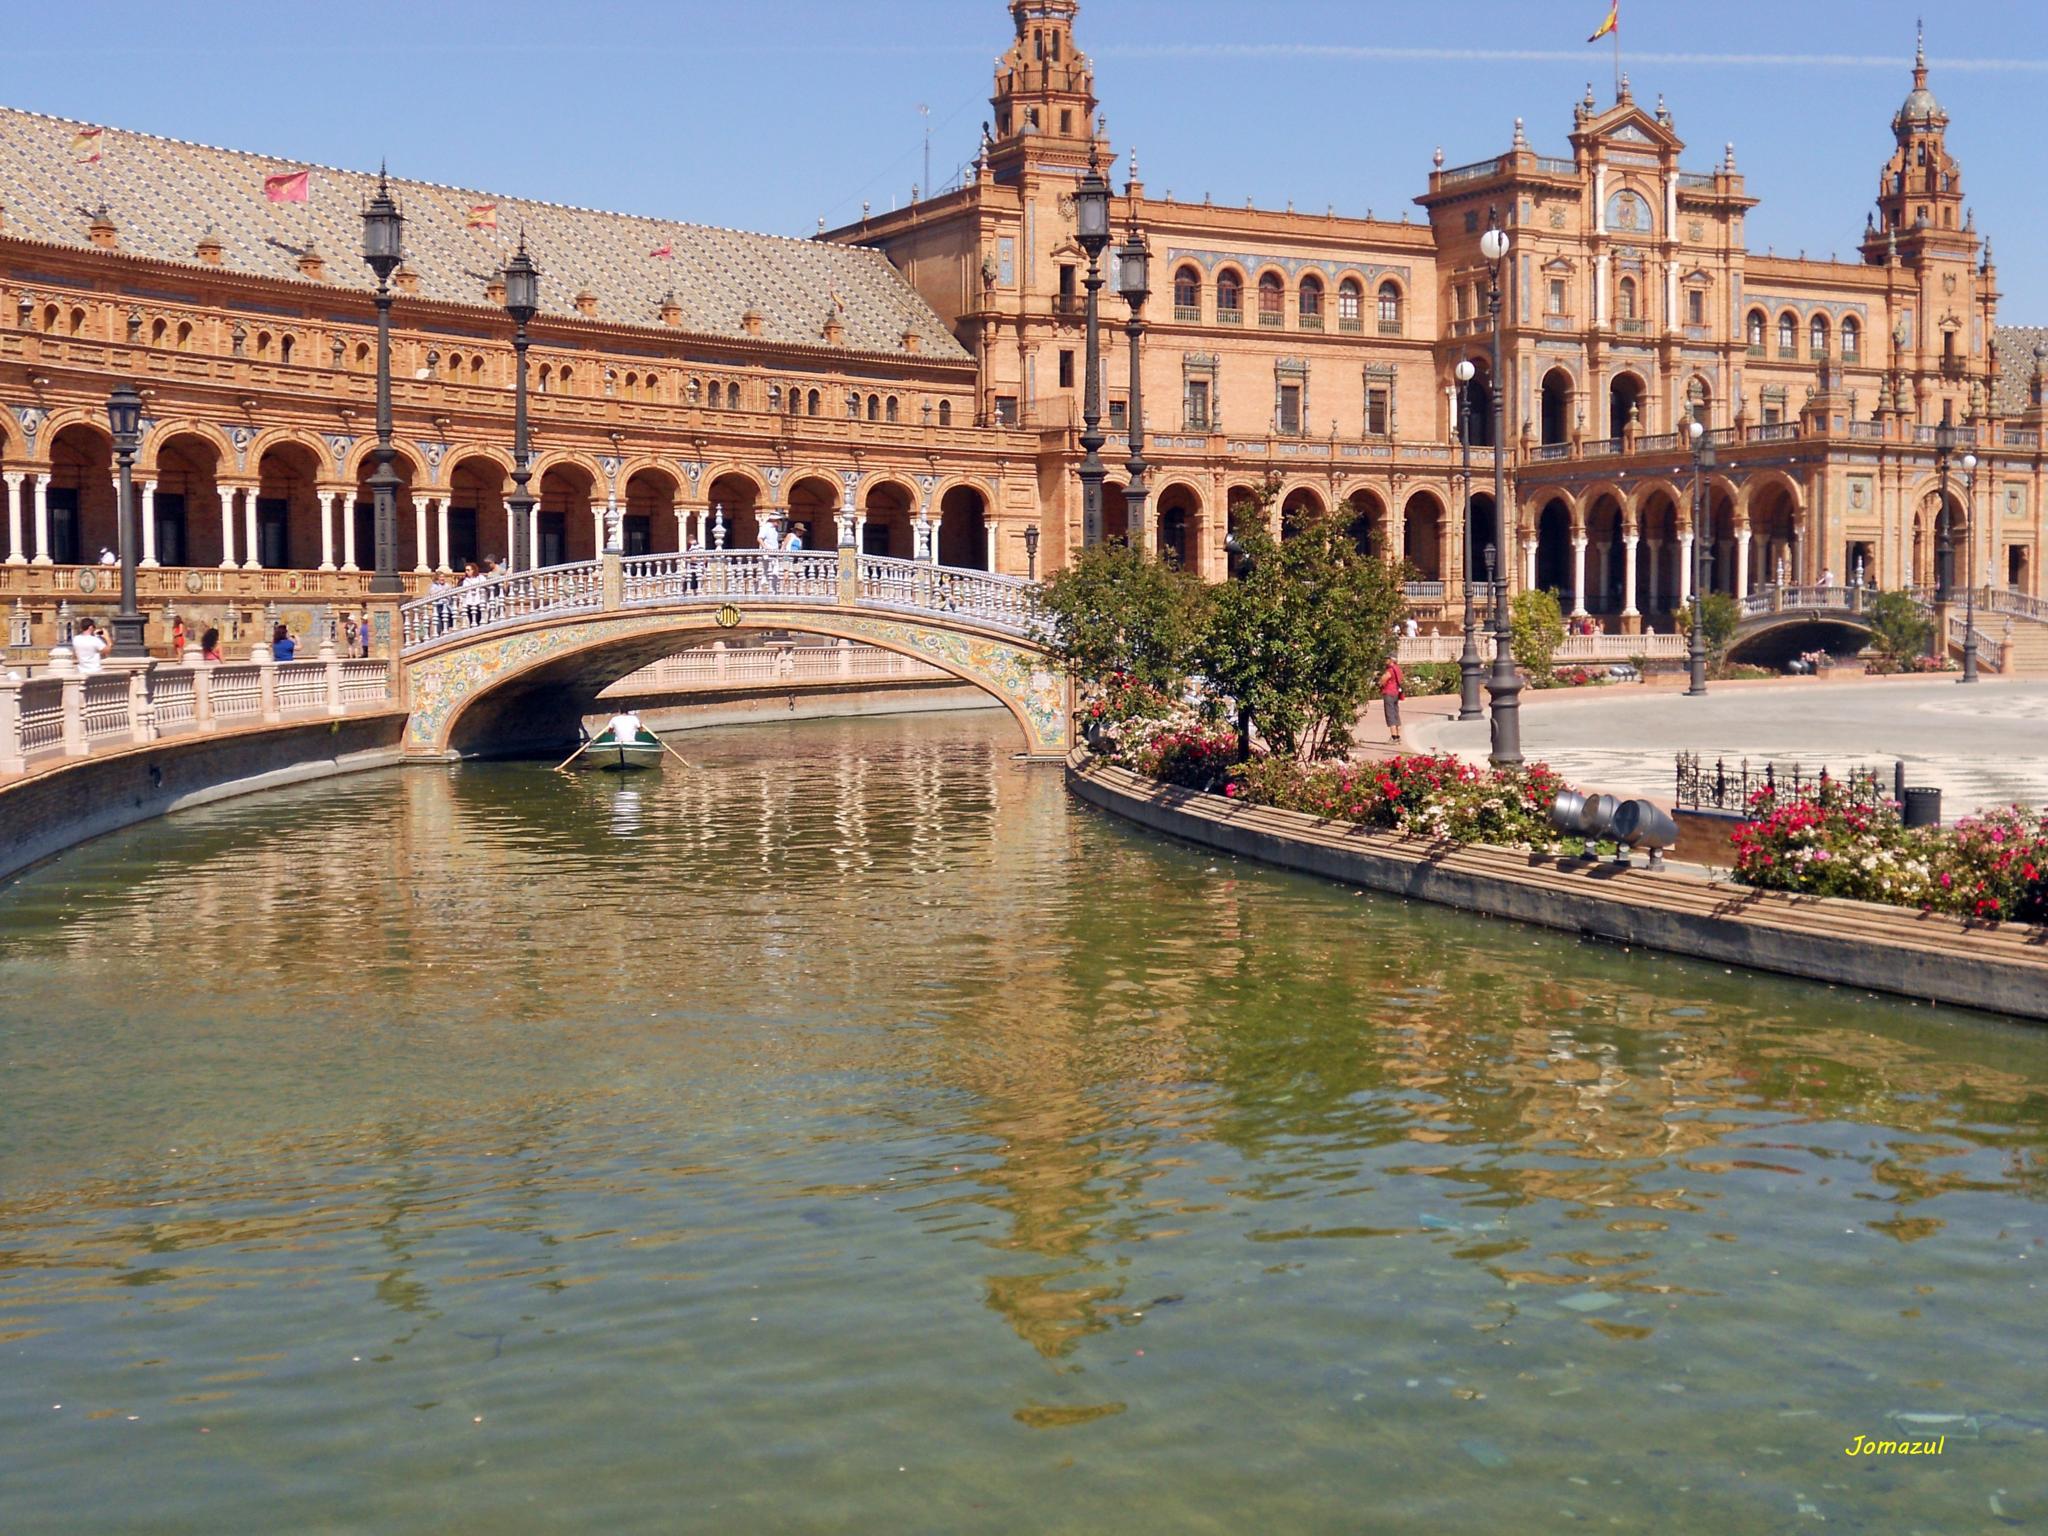 Praza de España (Sevilla) by Jomazul Varela